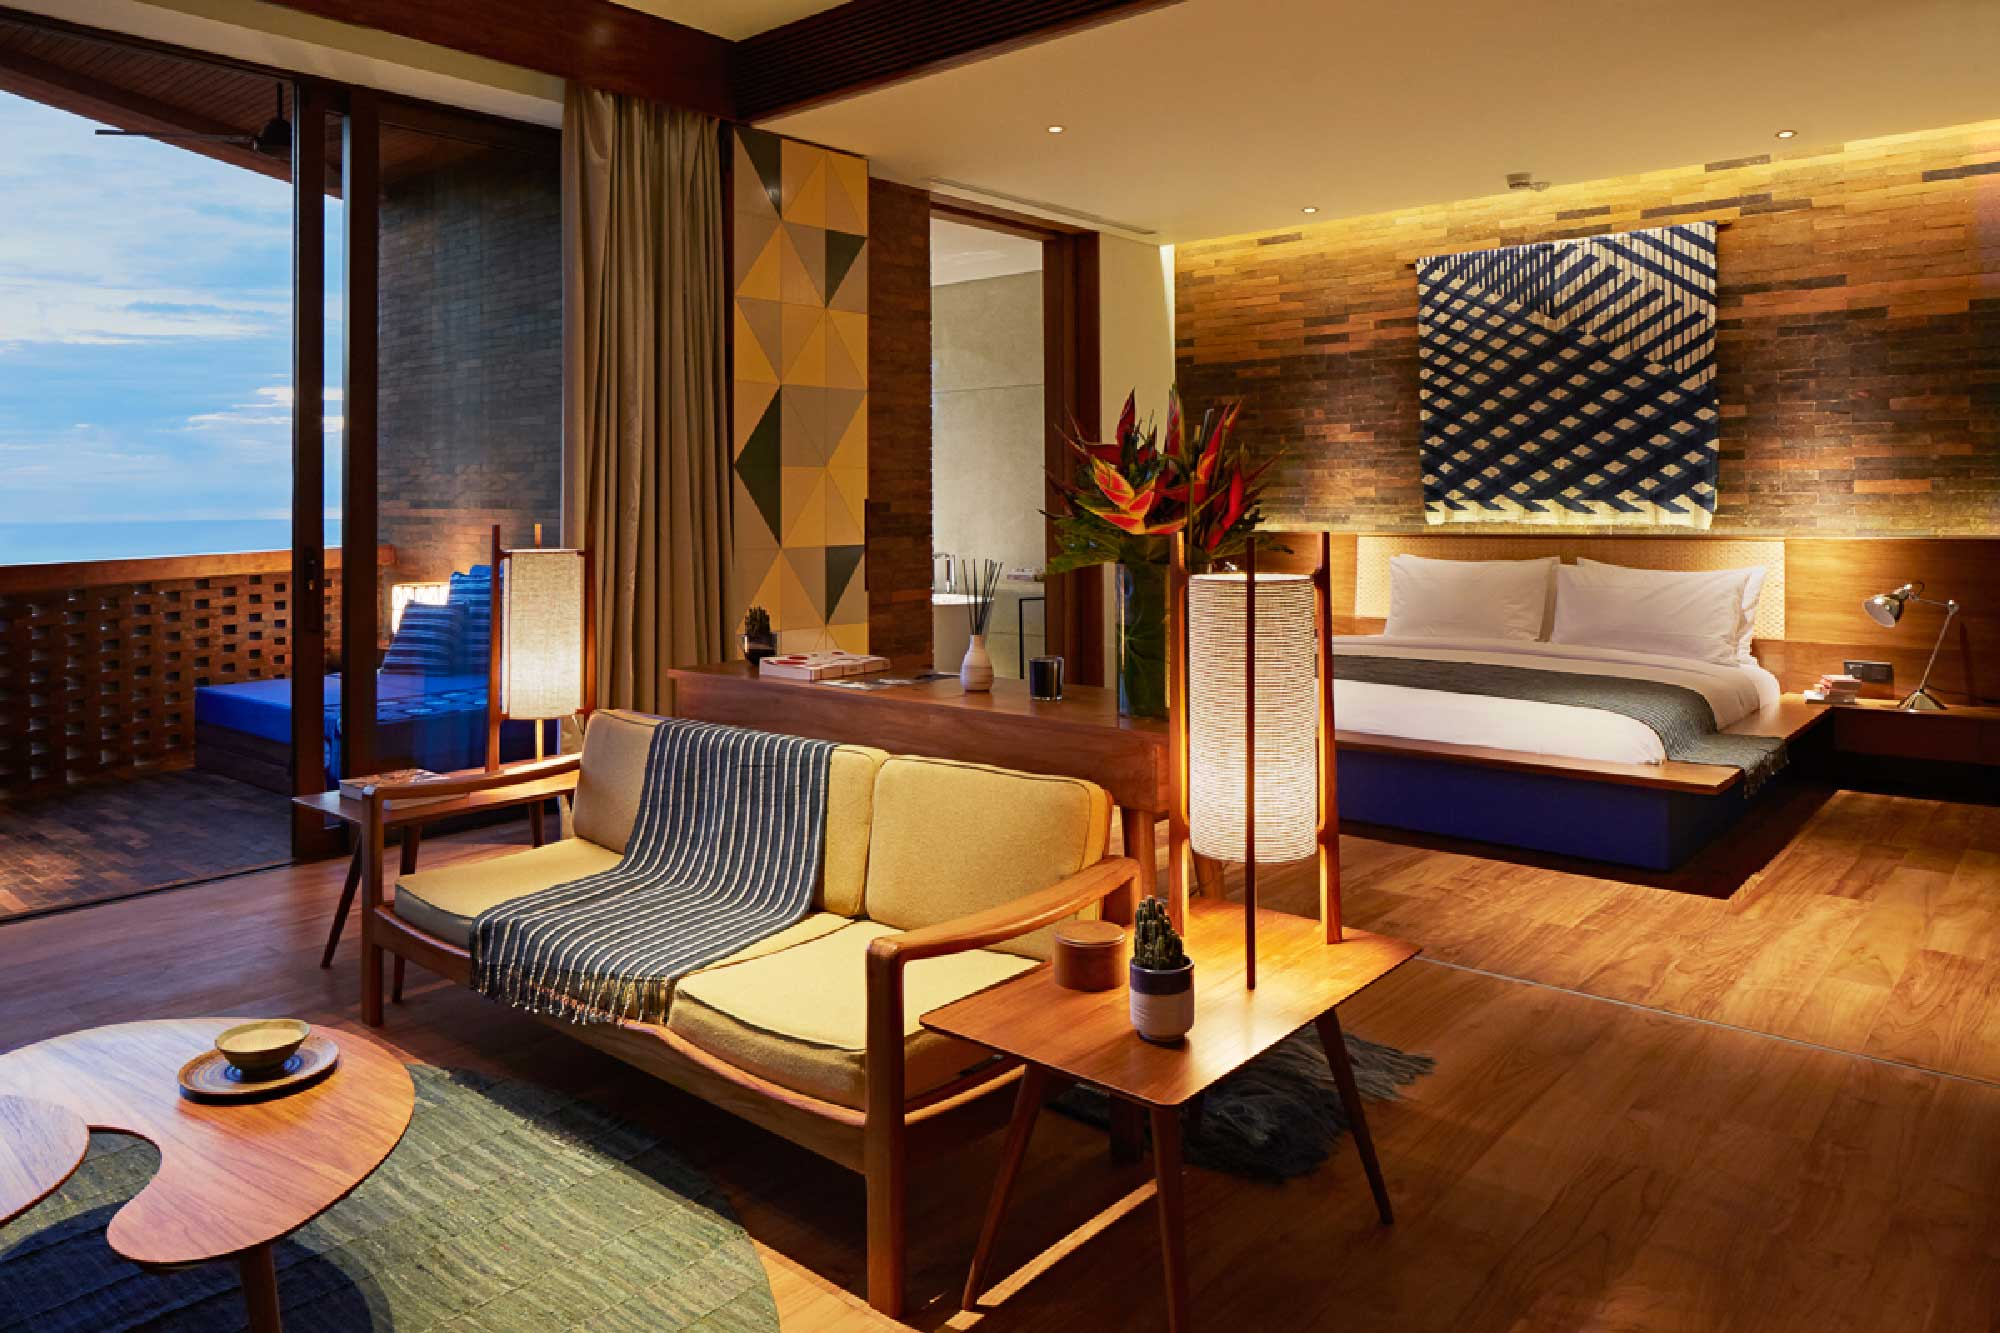 katamama-rooftop-suites-living-01.jpg